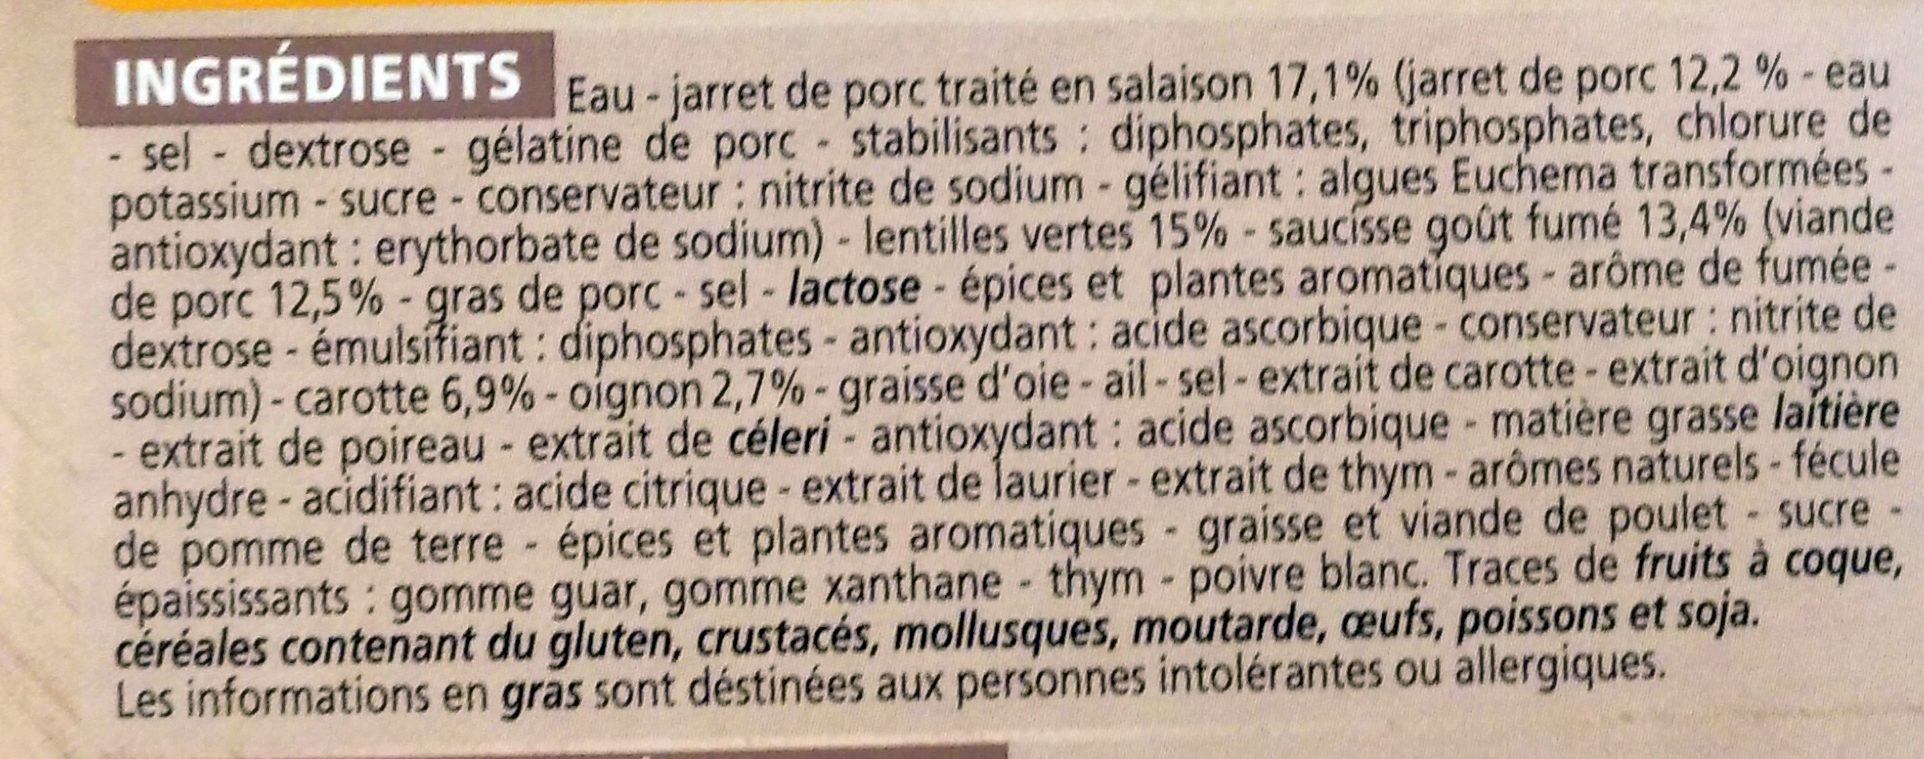 Petit salé aux lentilles vertes - Ingrediënten - fr